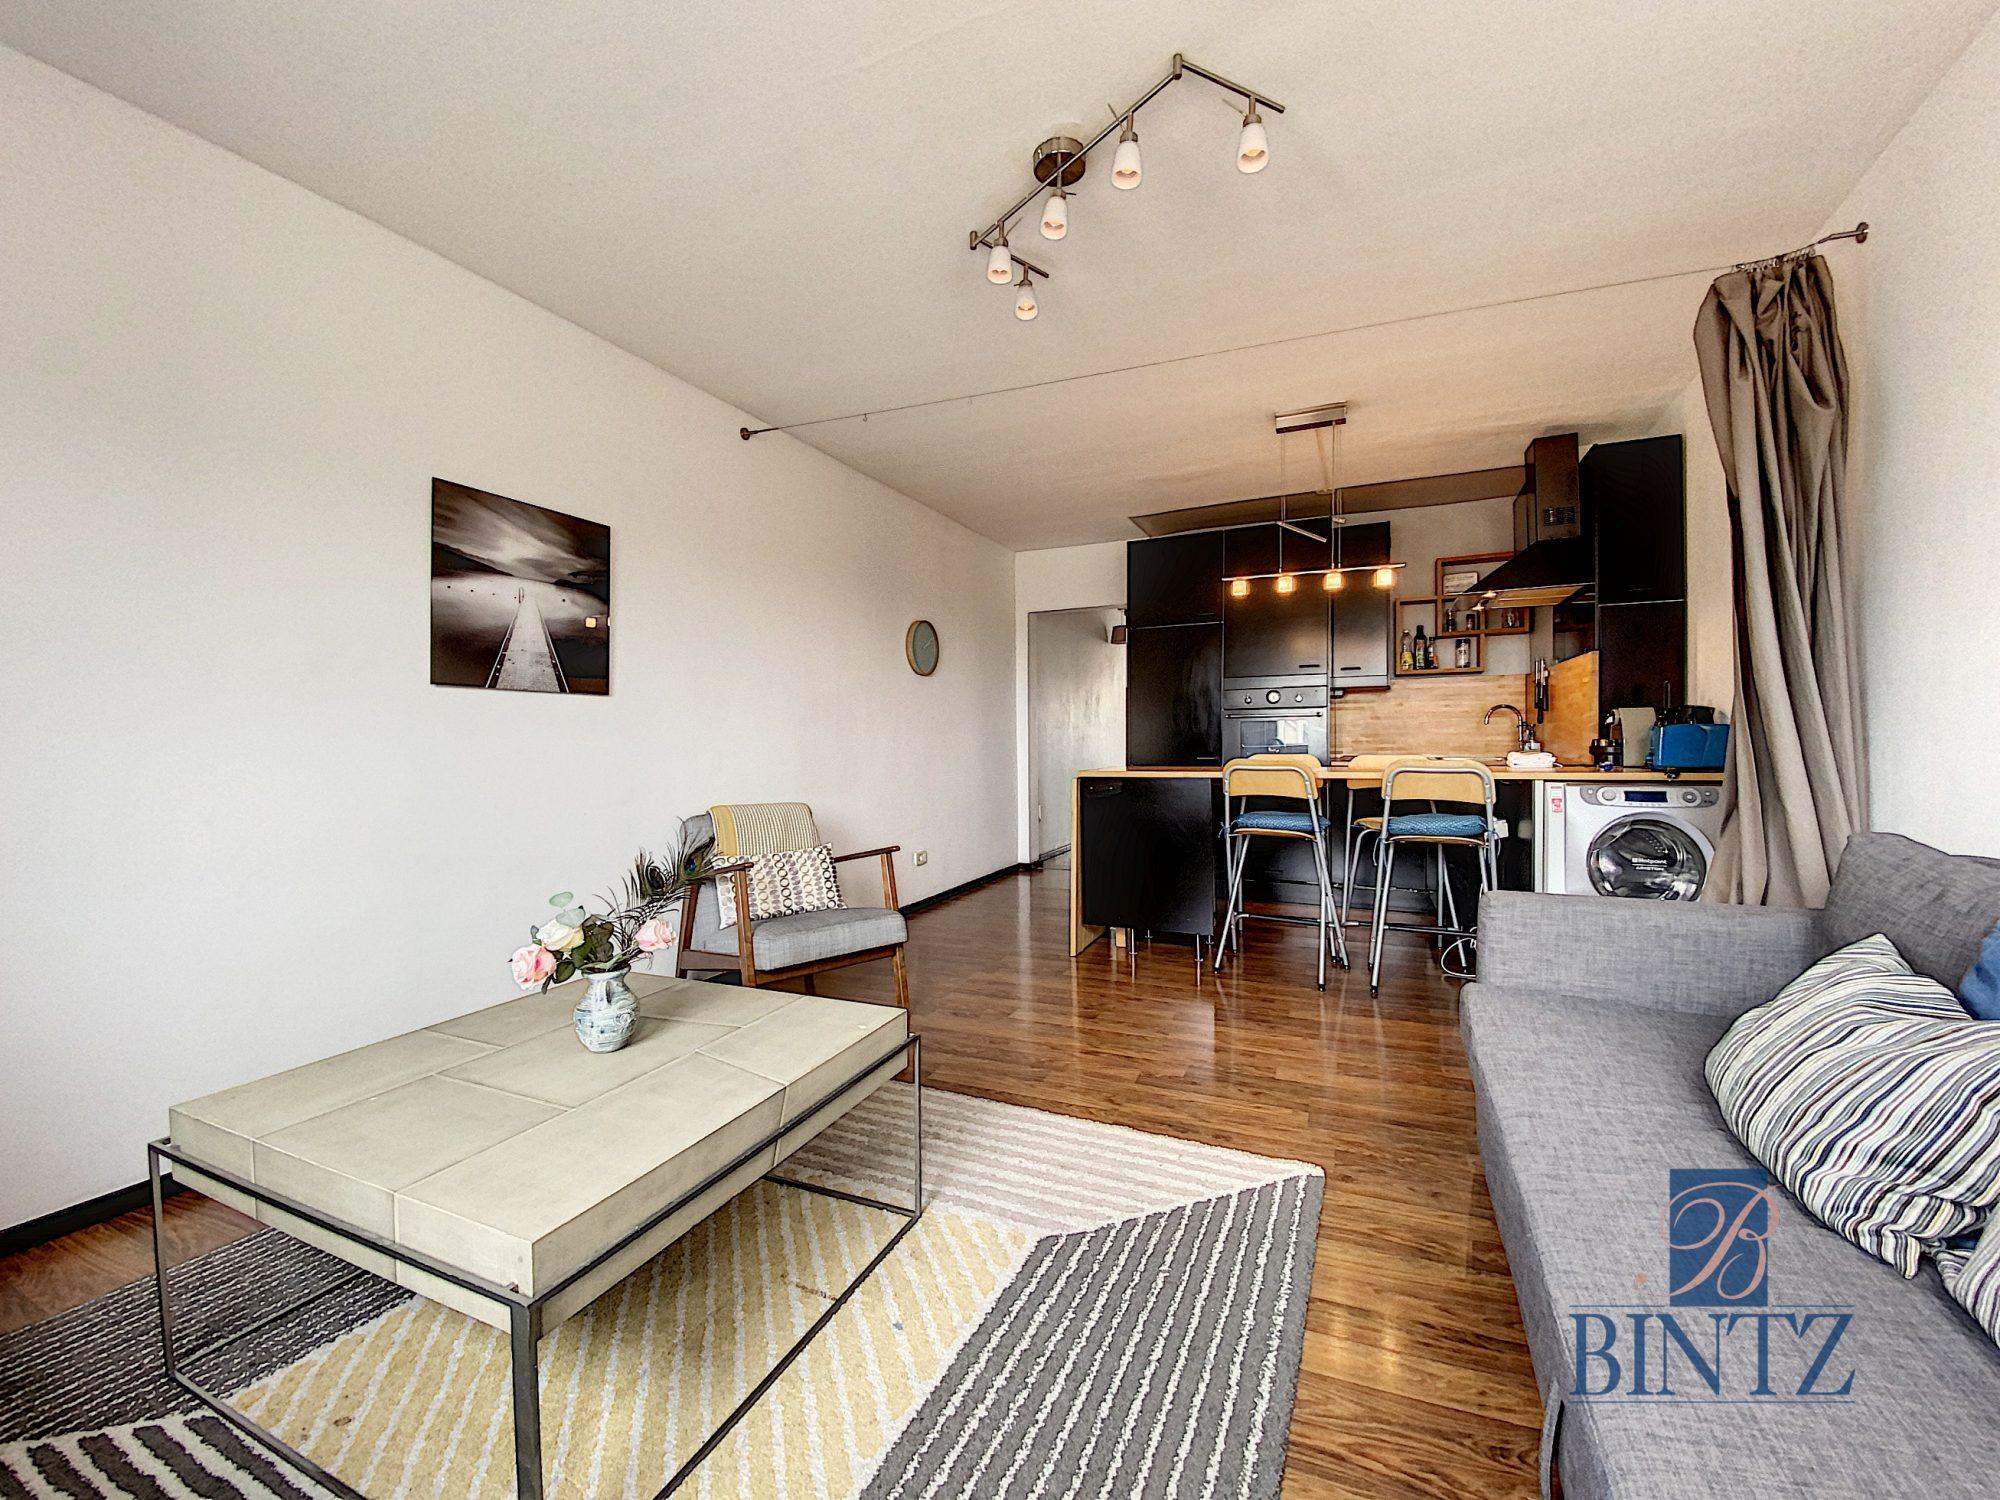 2P MEUBLÉ FG NATIONAL AVEC BALCON - Devenez locataire en toute sérénité - Bintz Immobilier - 2